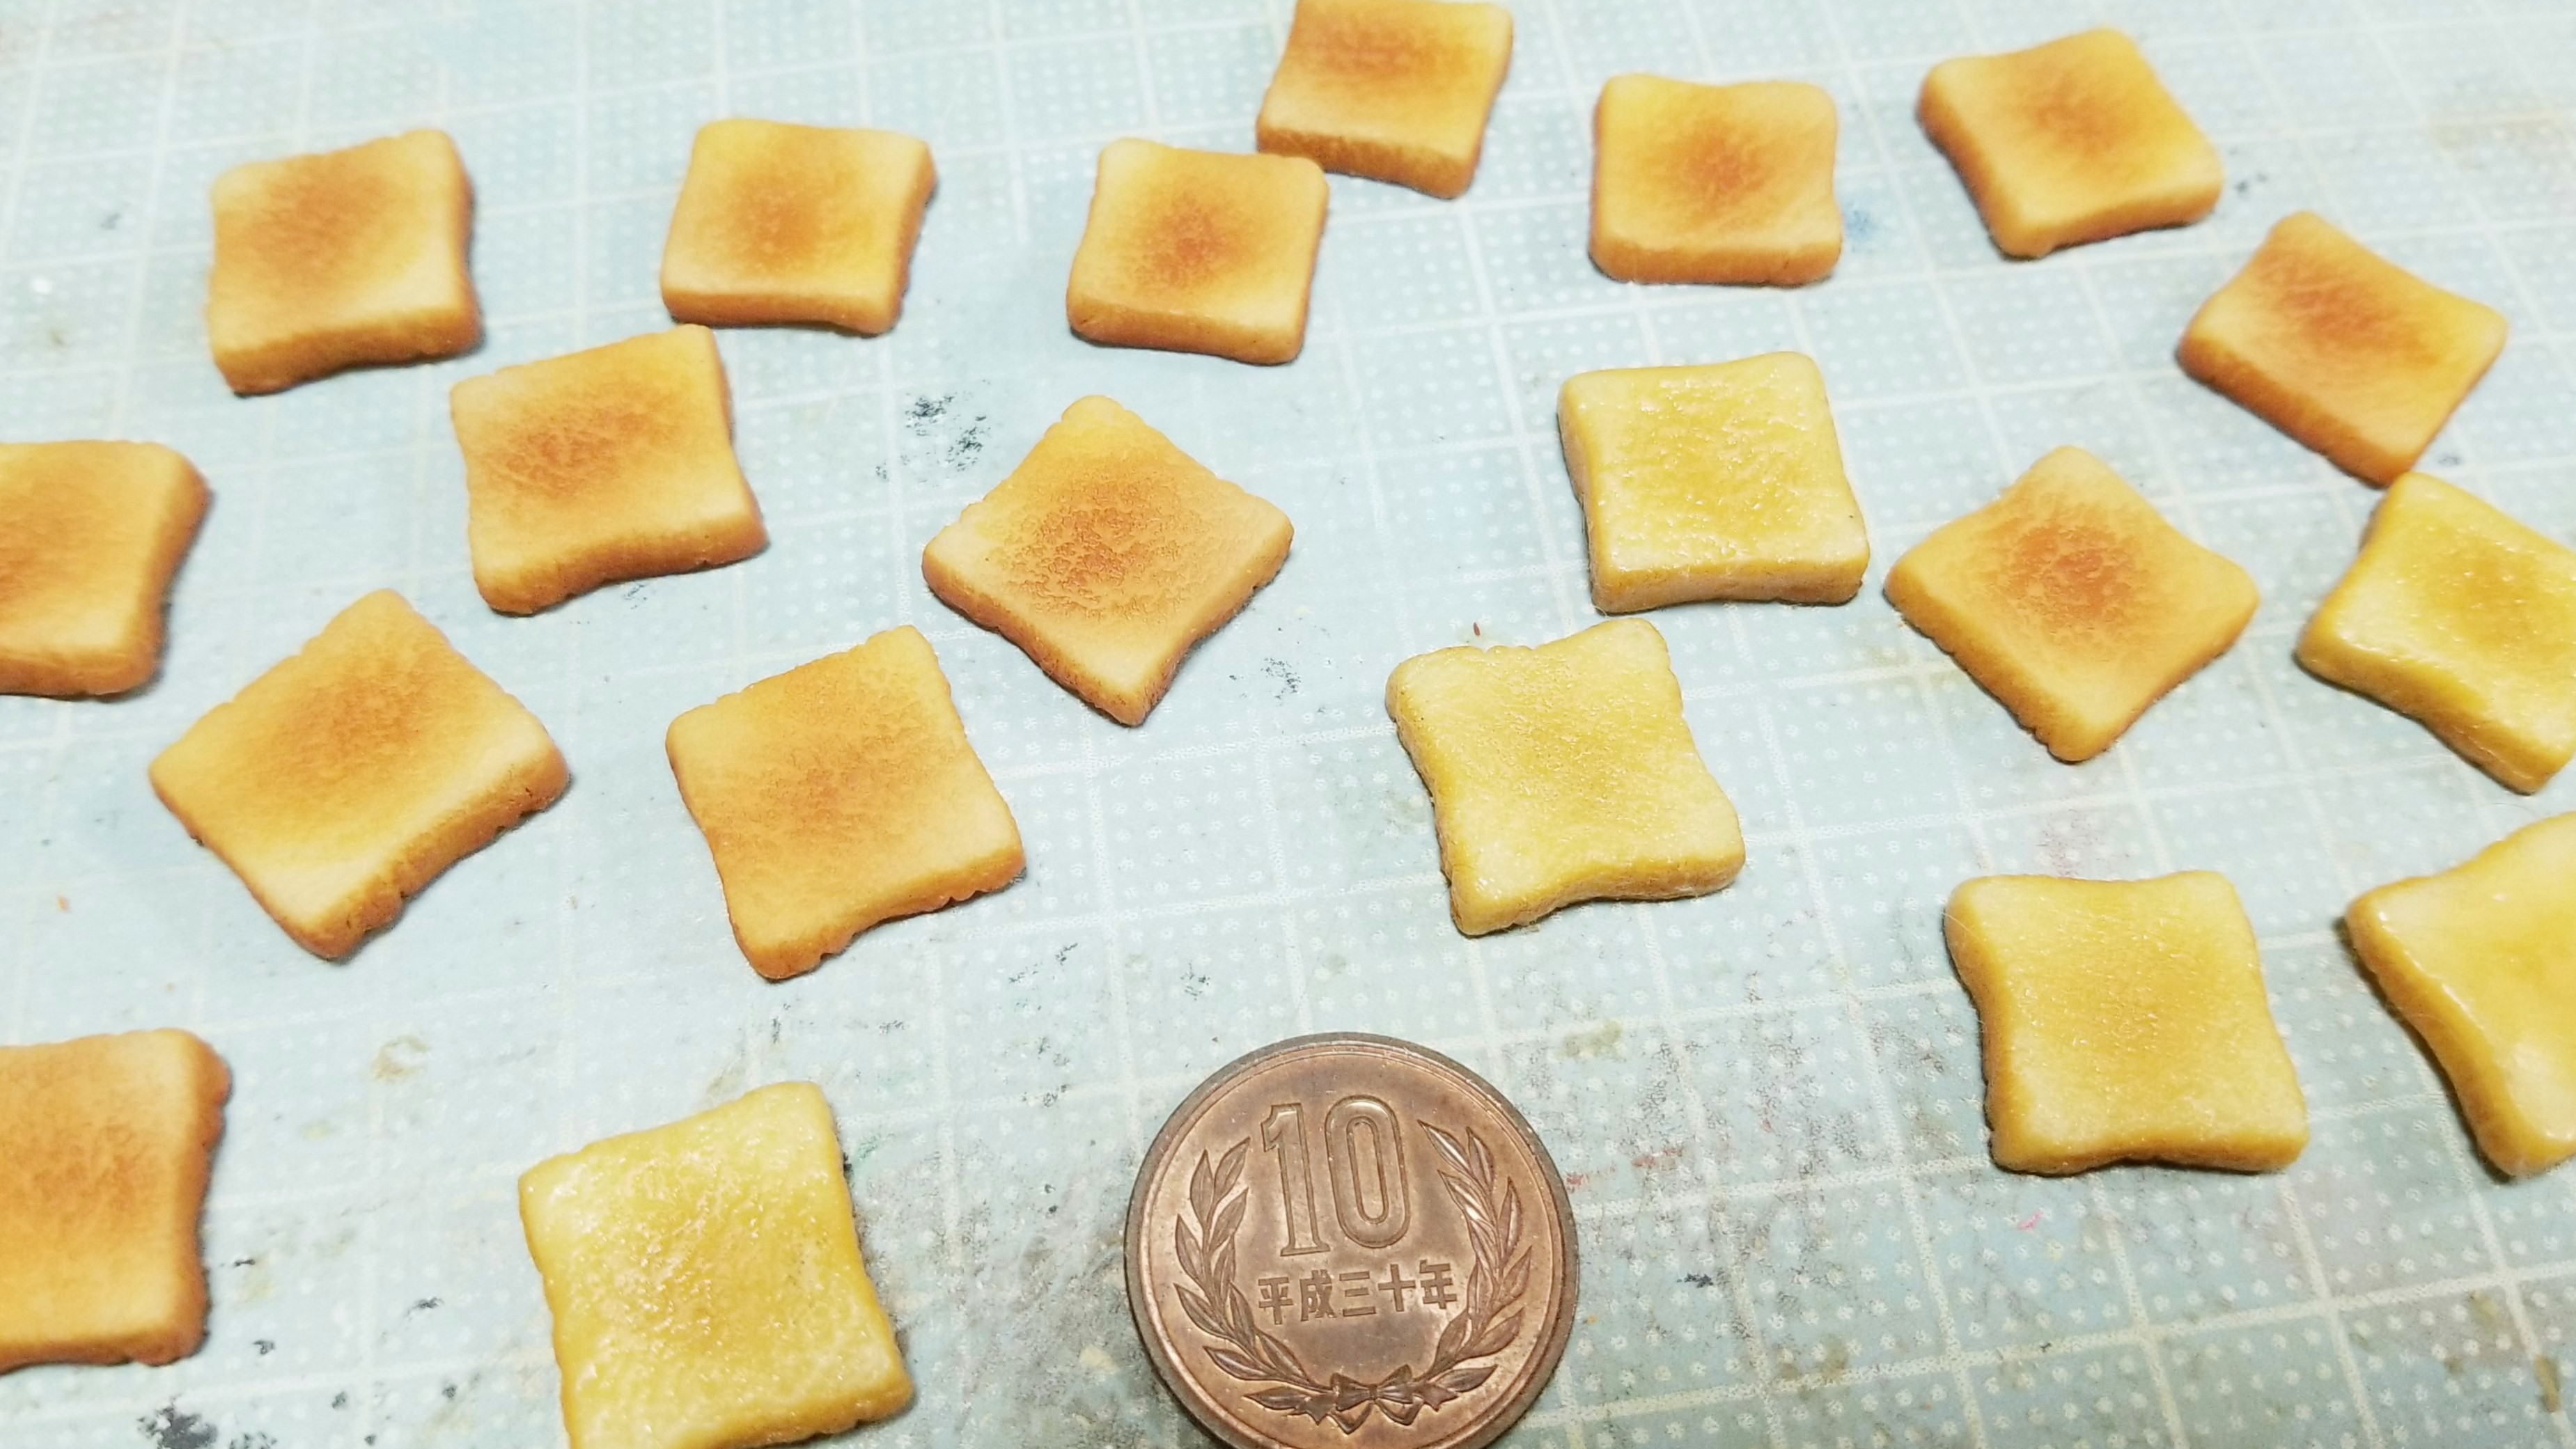 おいしい食パン屋柄トースト手作り作り方超熟成人気有名商品お店